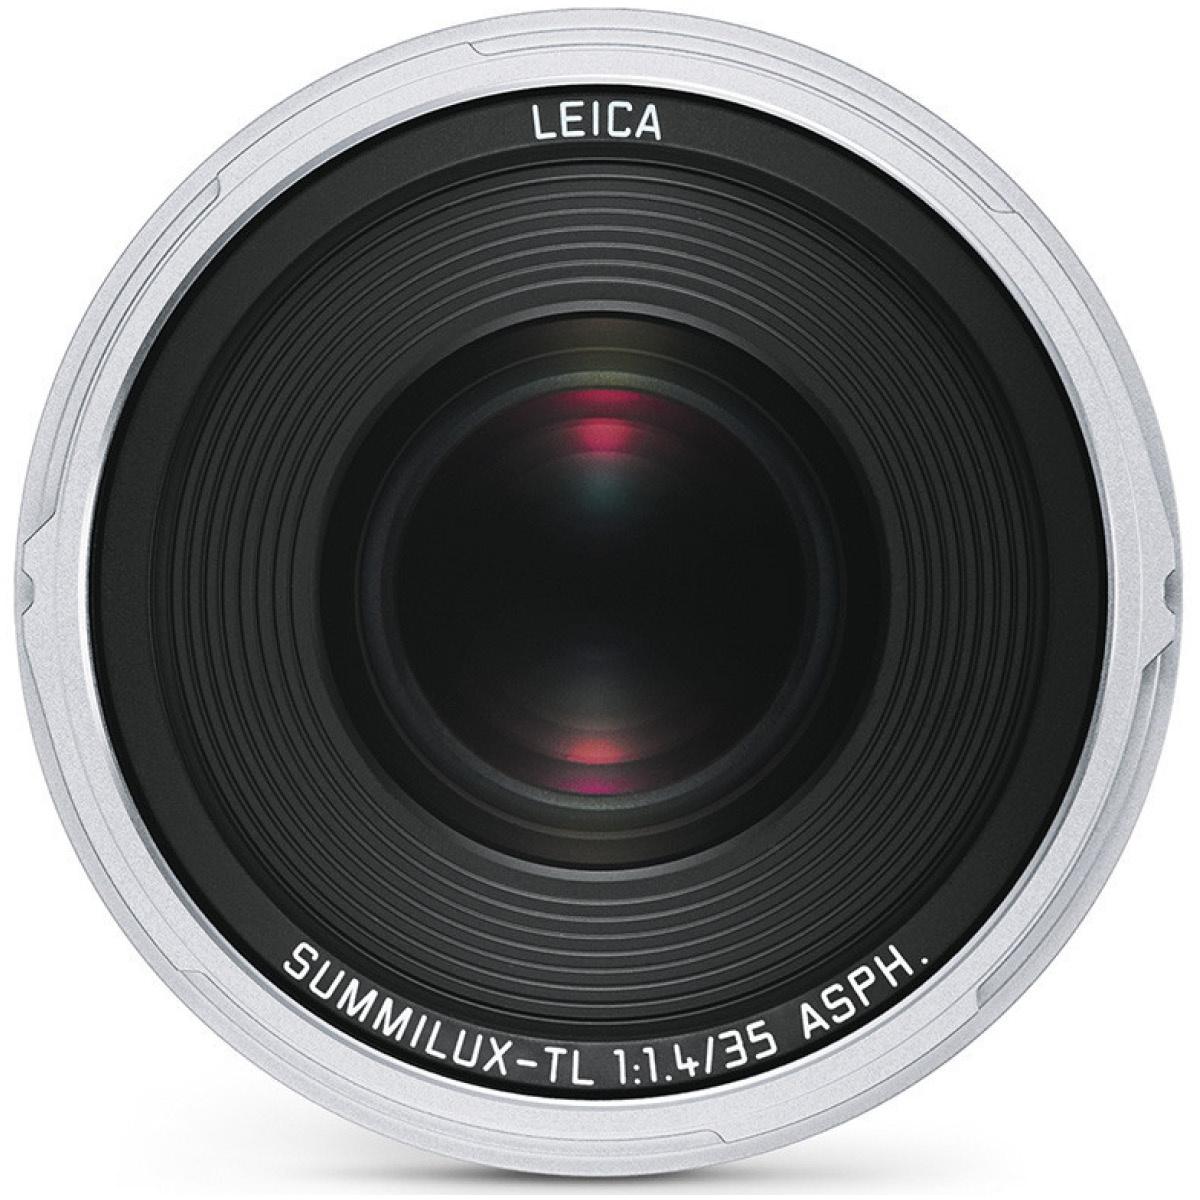 Leica 35 mm 1:1,4 Summilux-TL ASPH Silber